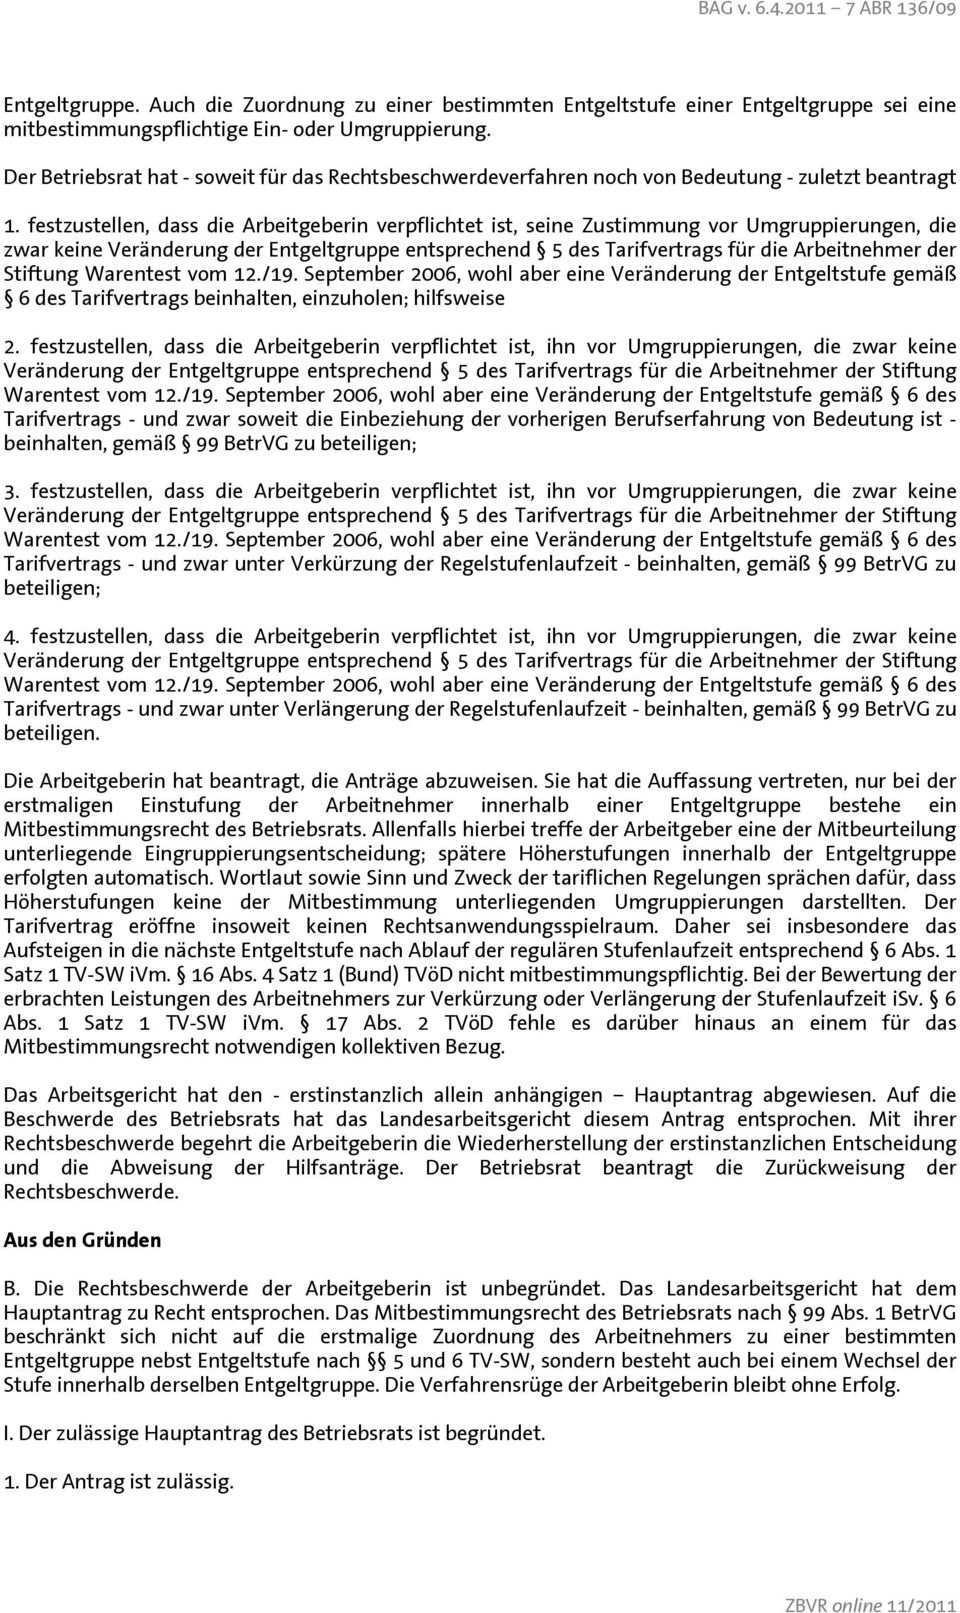 Mitbestimmung Des Betriebsrats Bei Umgruppierungen Anderung Der Einstufung In Der Entgeltgruppe Pdf Kostenfreier Download